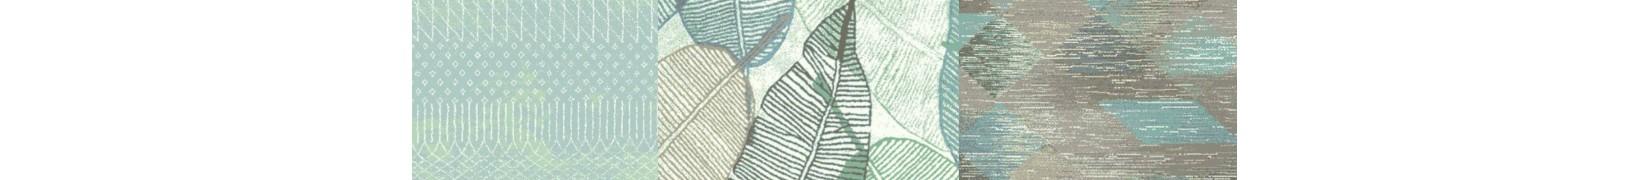 Dywany nowoczesne do salonu. Poznaj kolekcję Free Dywilan